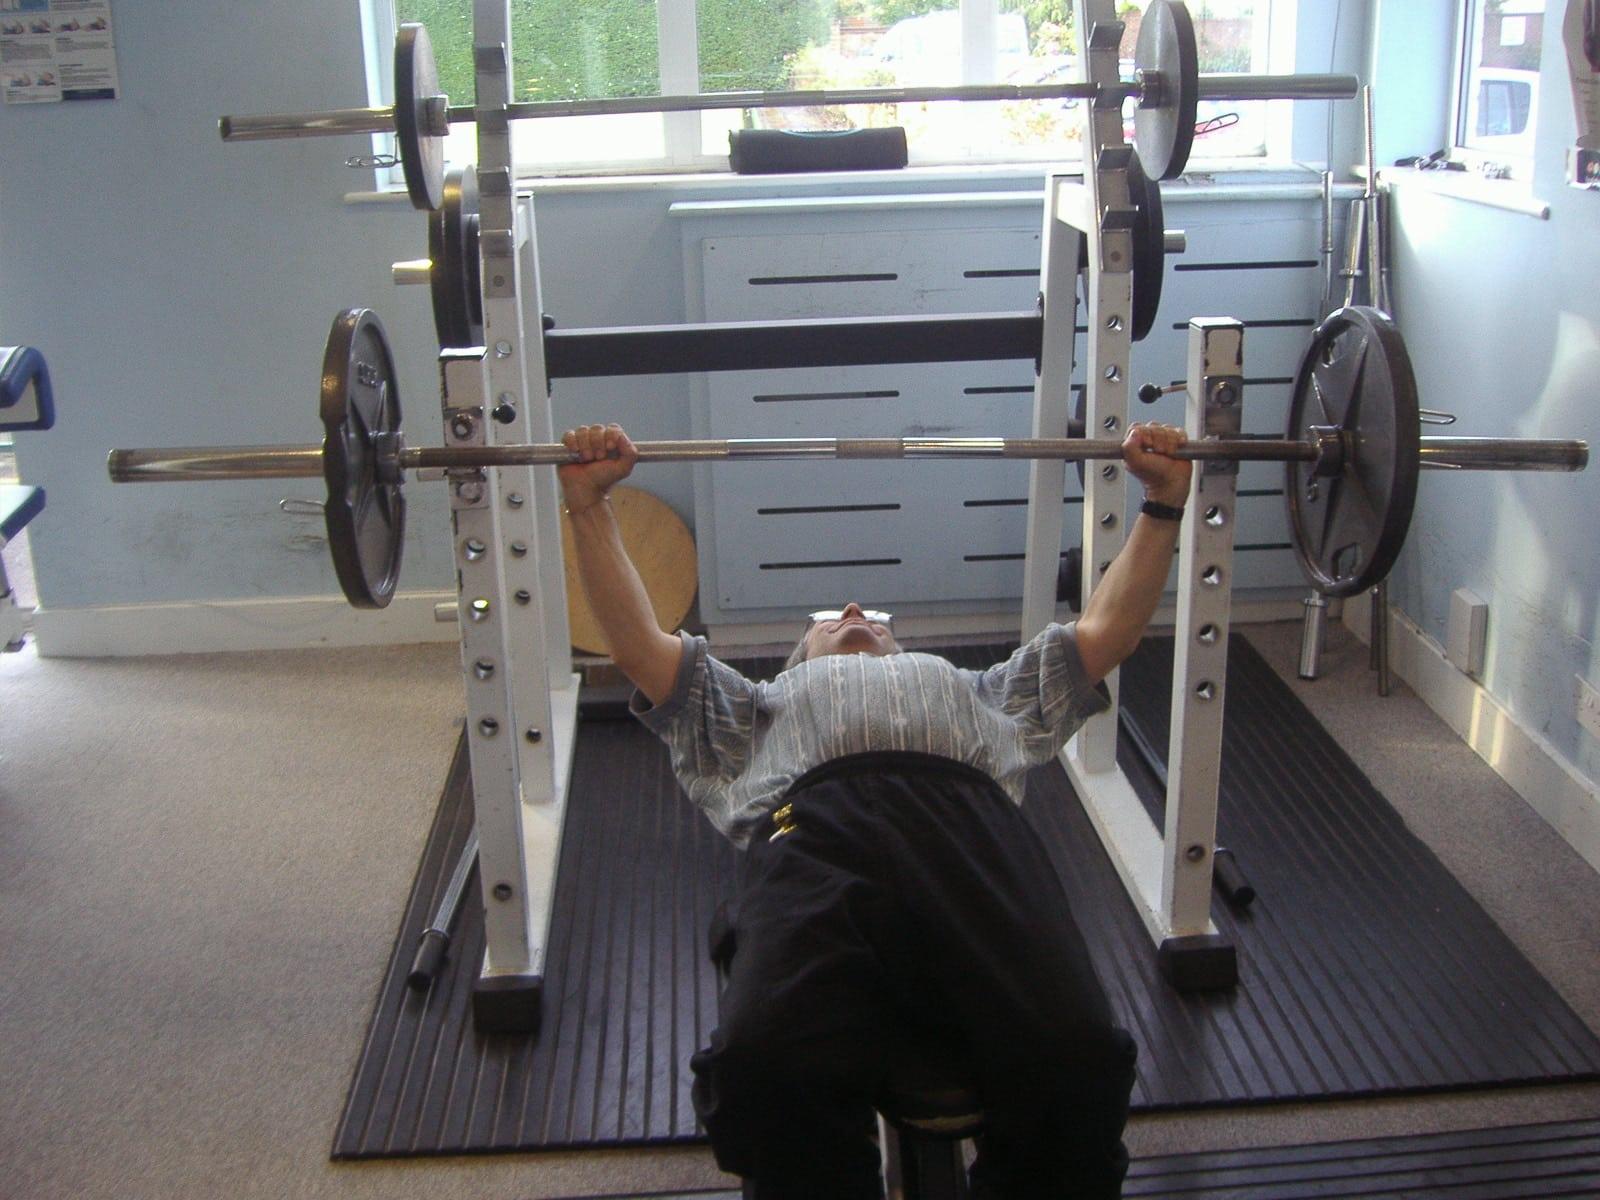 Gimnasia en casa ejercicios en casa - Casa con gimnasio ...